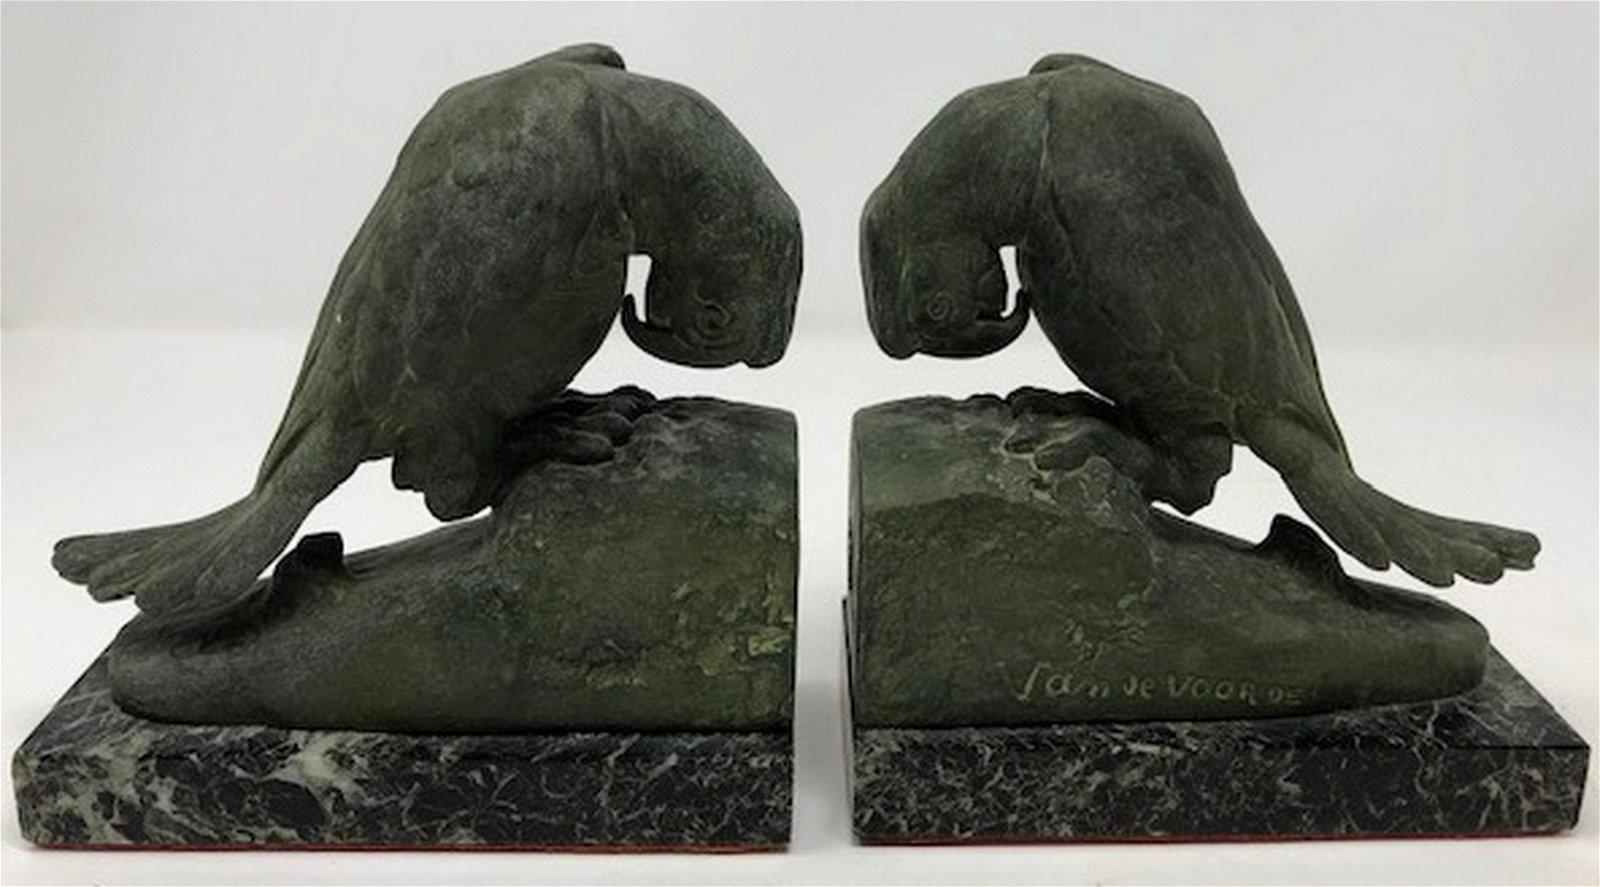 Sublime Van deVoorde Bird Statues